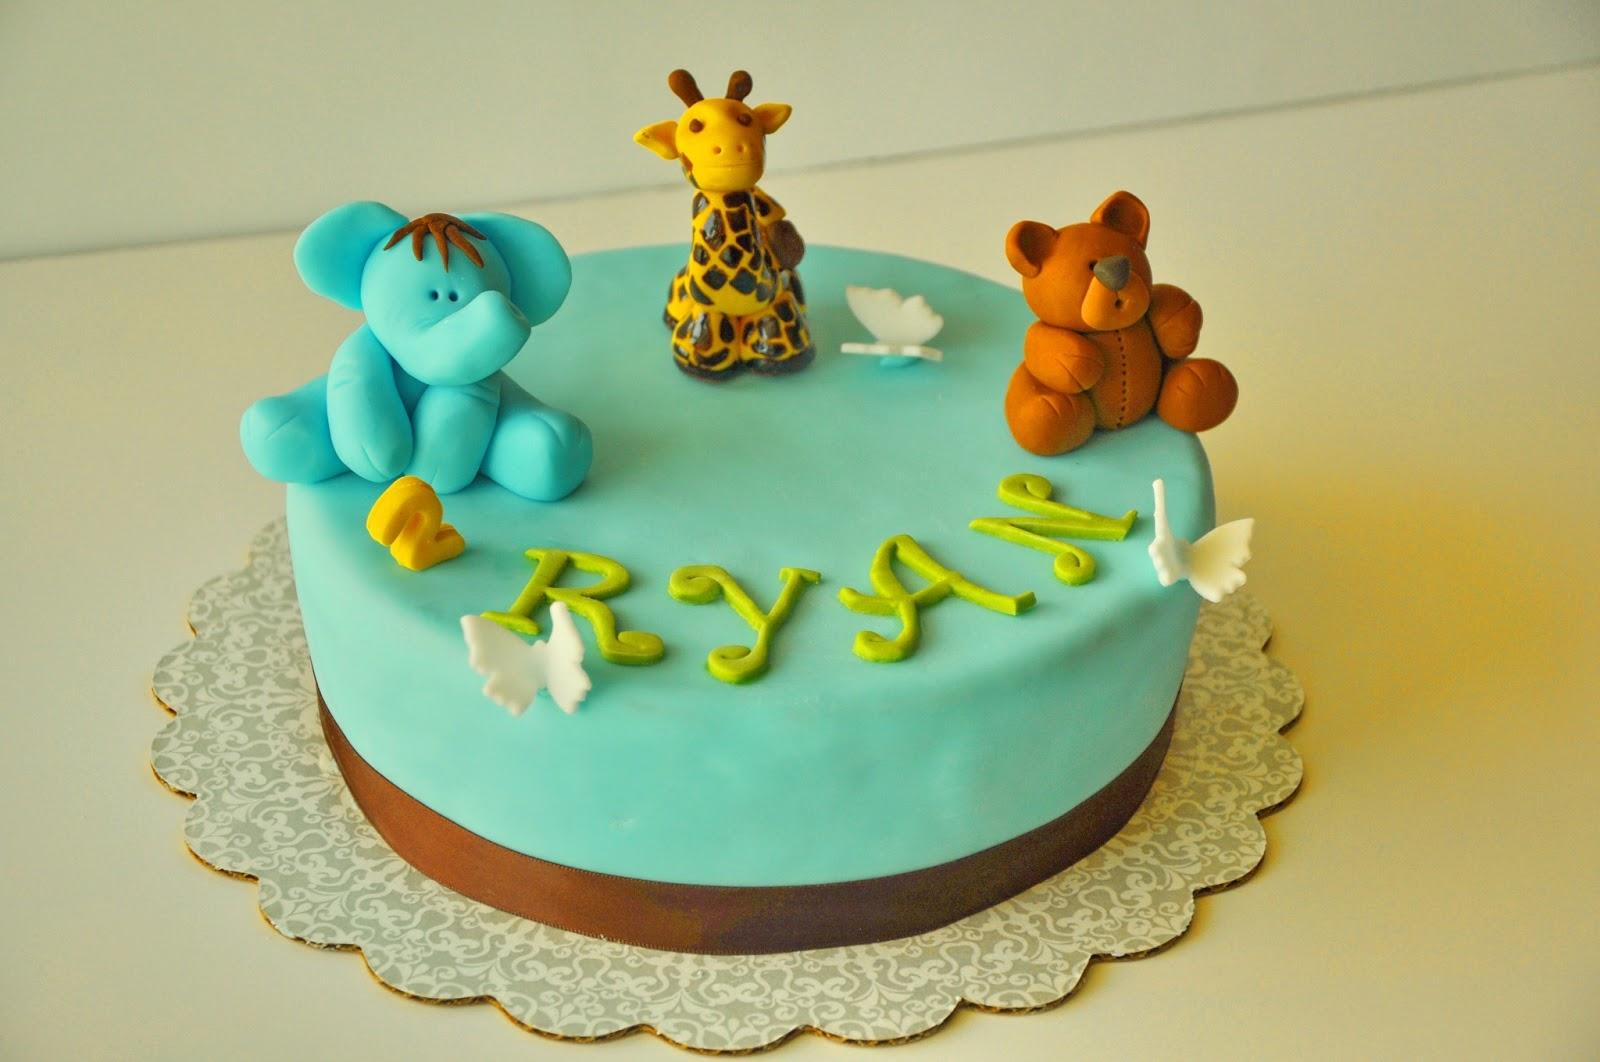 Easy Birthday Cake Ideas For 3 Year Old Boy